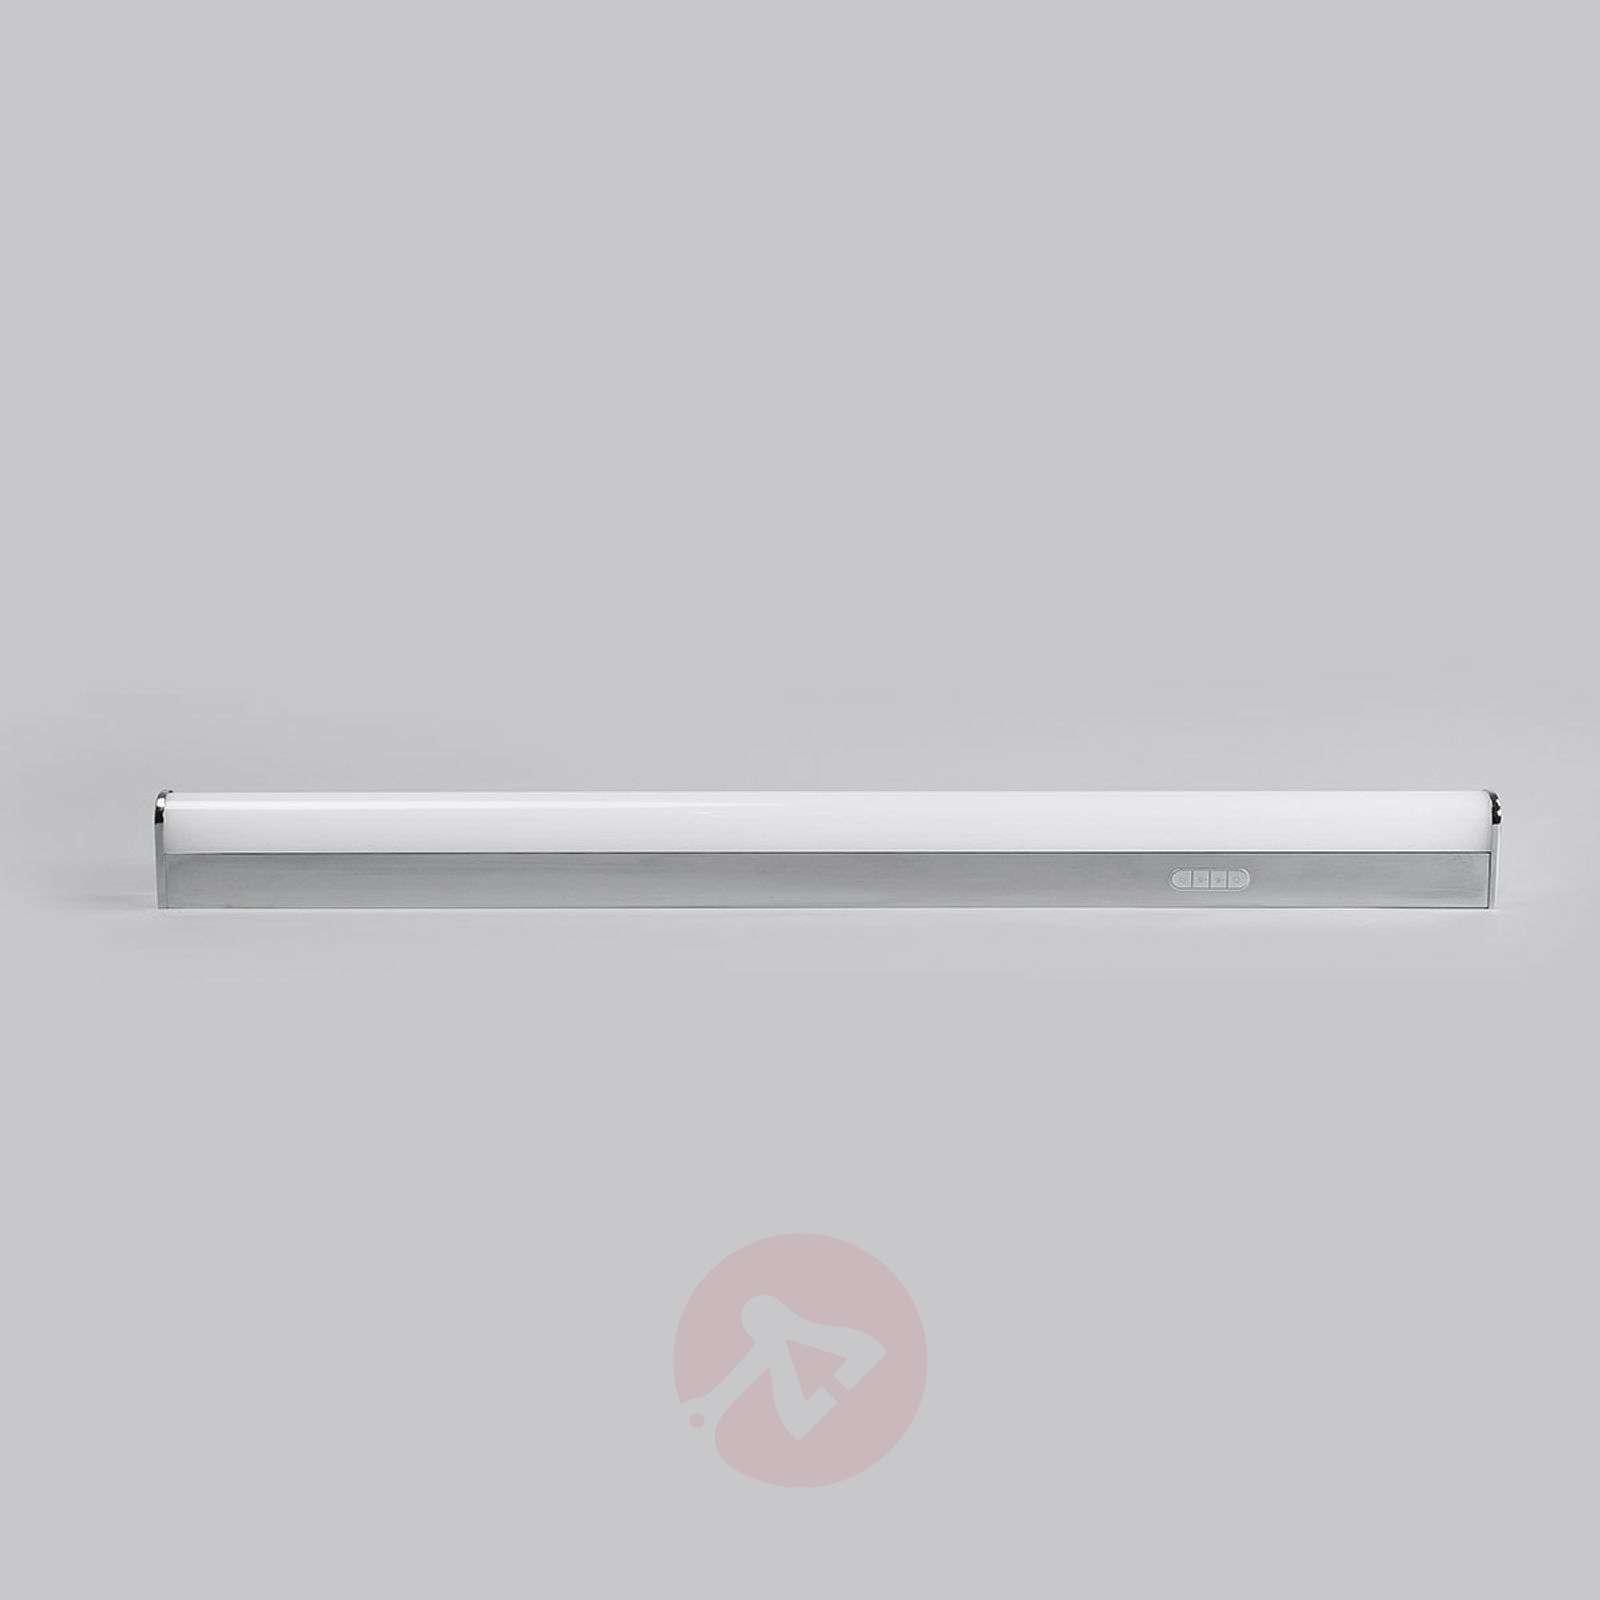 LED-seinävalaisin Jesko 3000-6500K, 89 cm-9641107-02